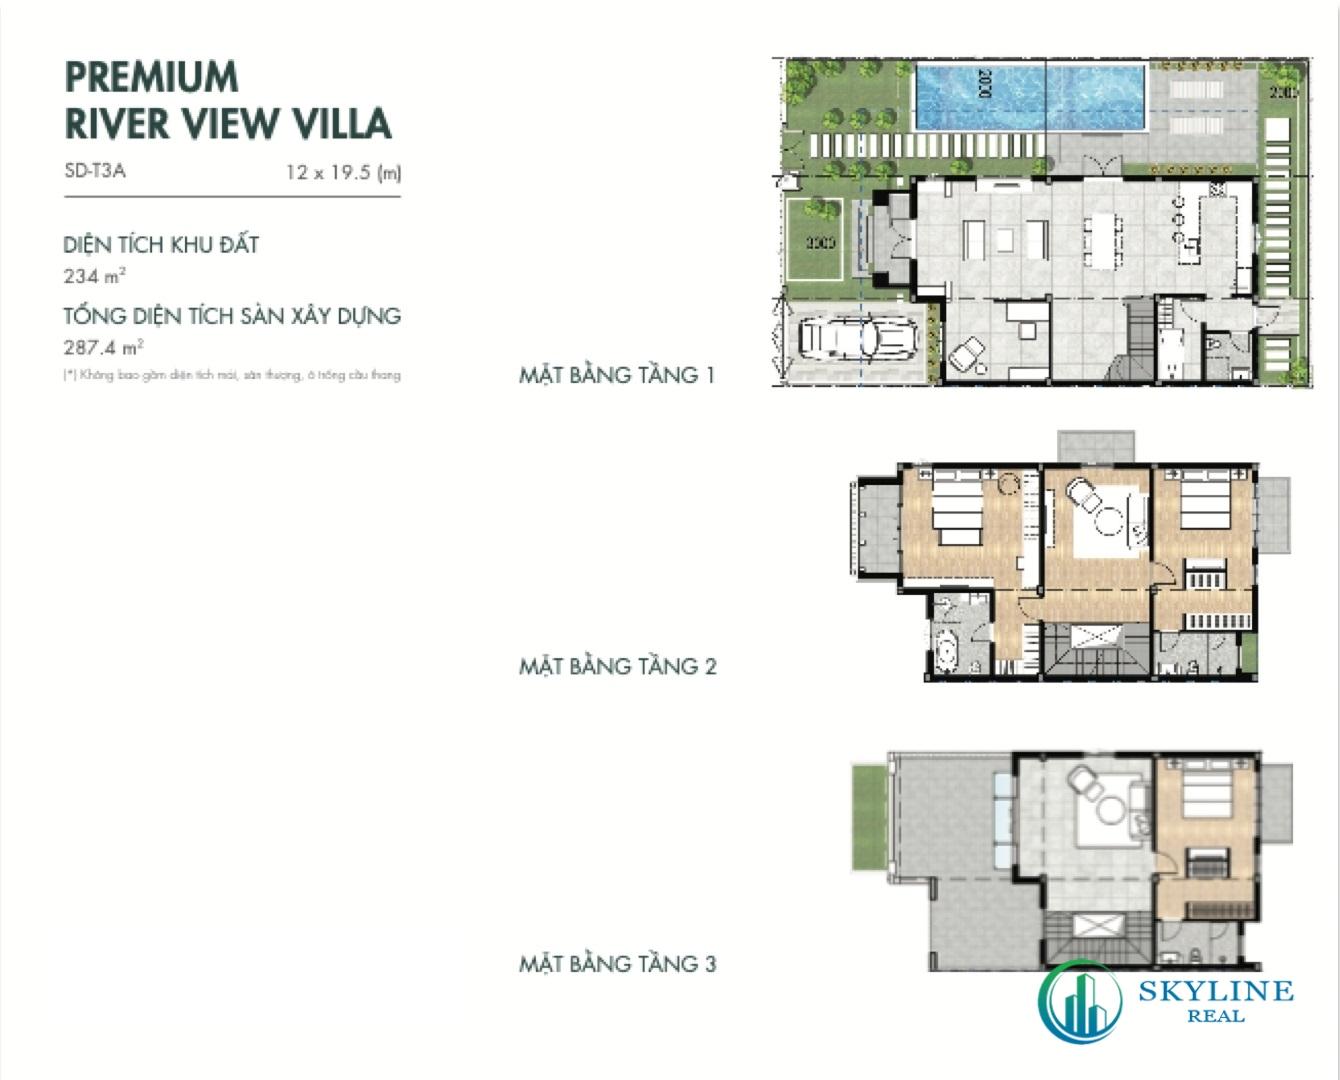 Mặt bằng Villas 12×19,5m tại Aqua City River Park